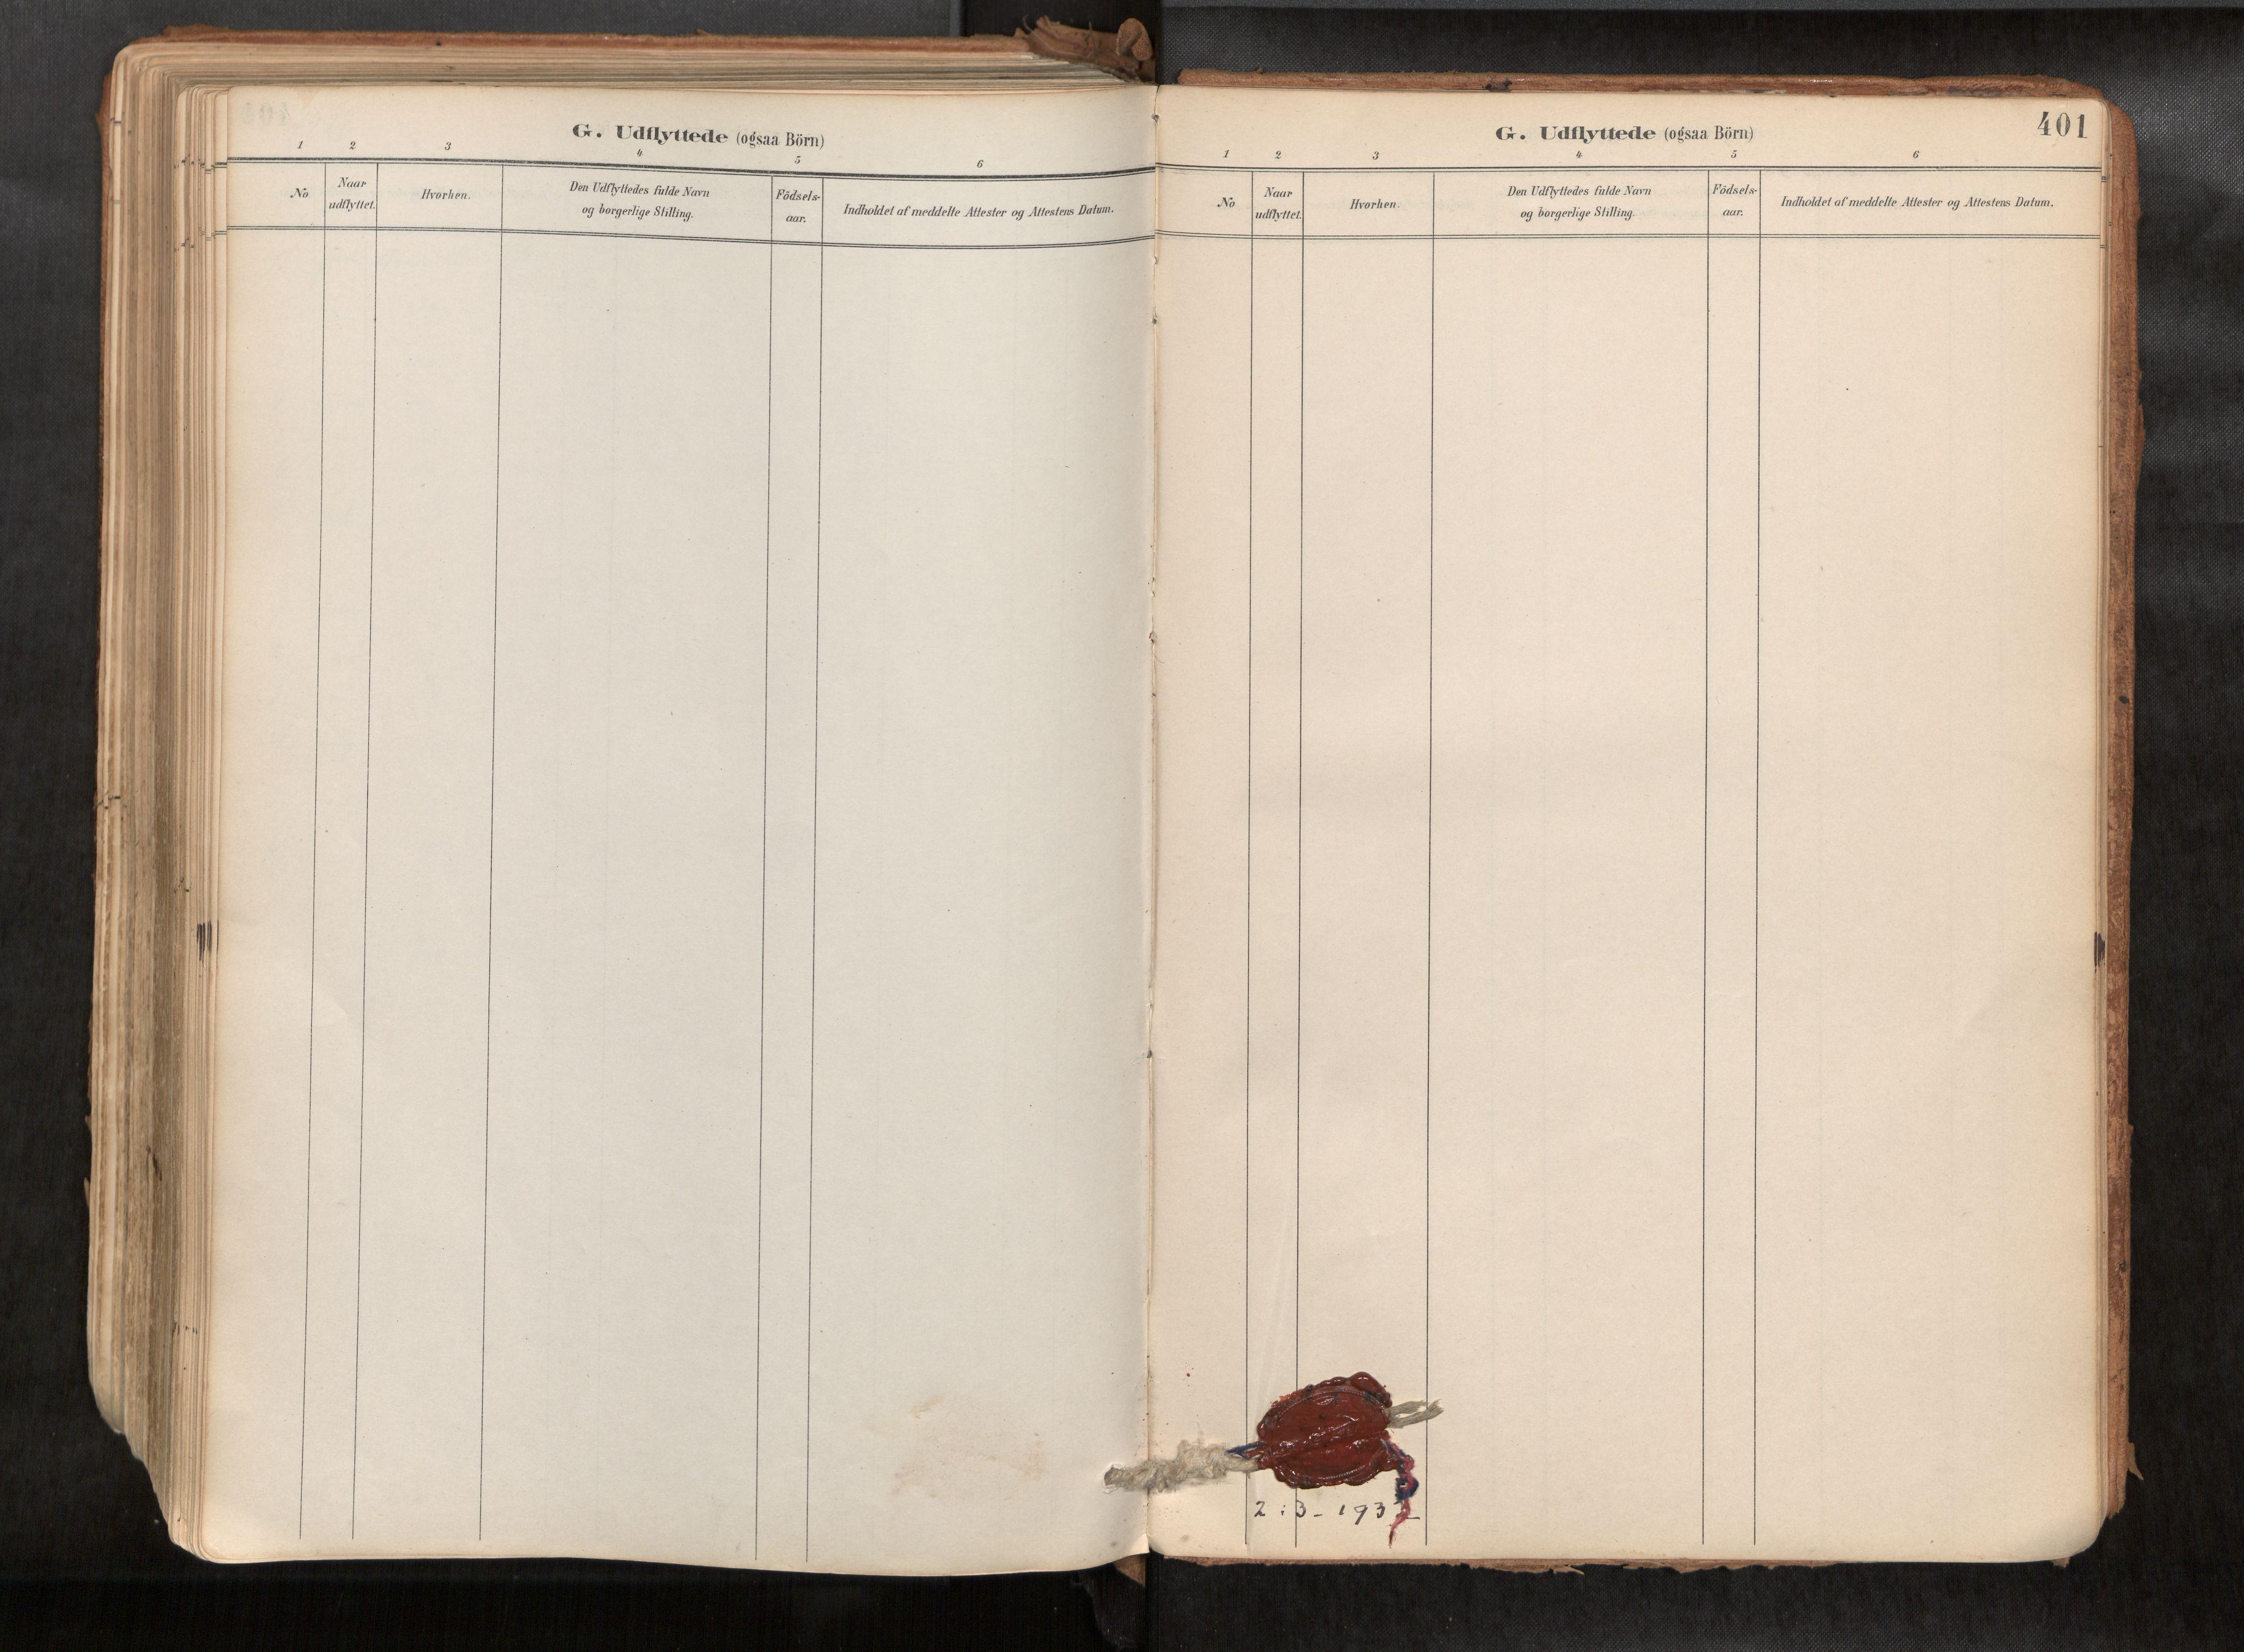 SAT, Ministerialprotokoller, klokkerbøker og fødselsregistre - Sør-Trøndelag, 692/L1105b: Ministerialbok nr. 692A06, 1891-1934, s. 401